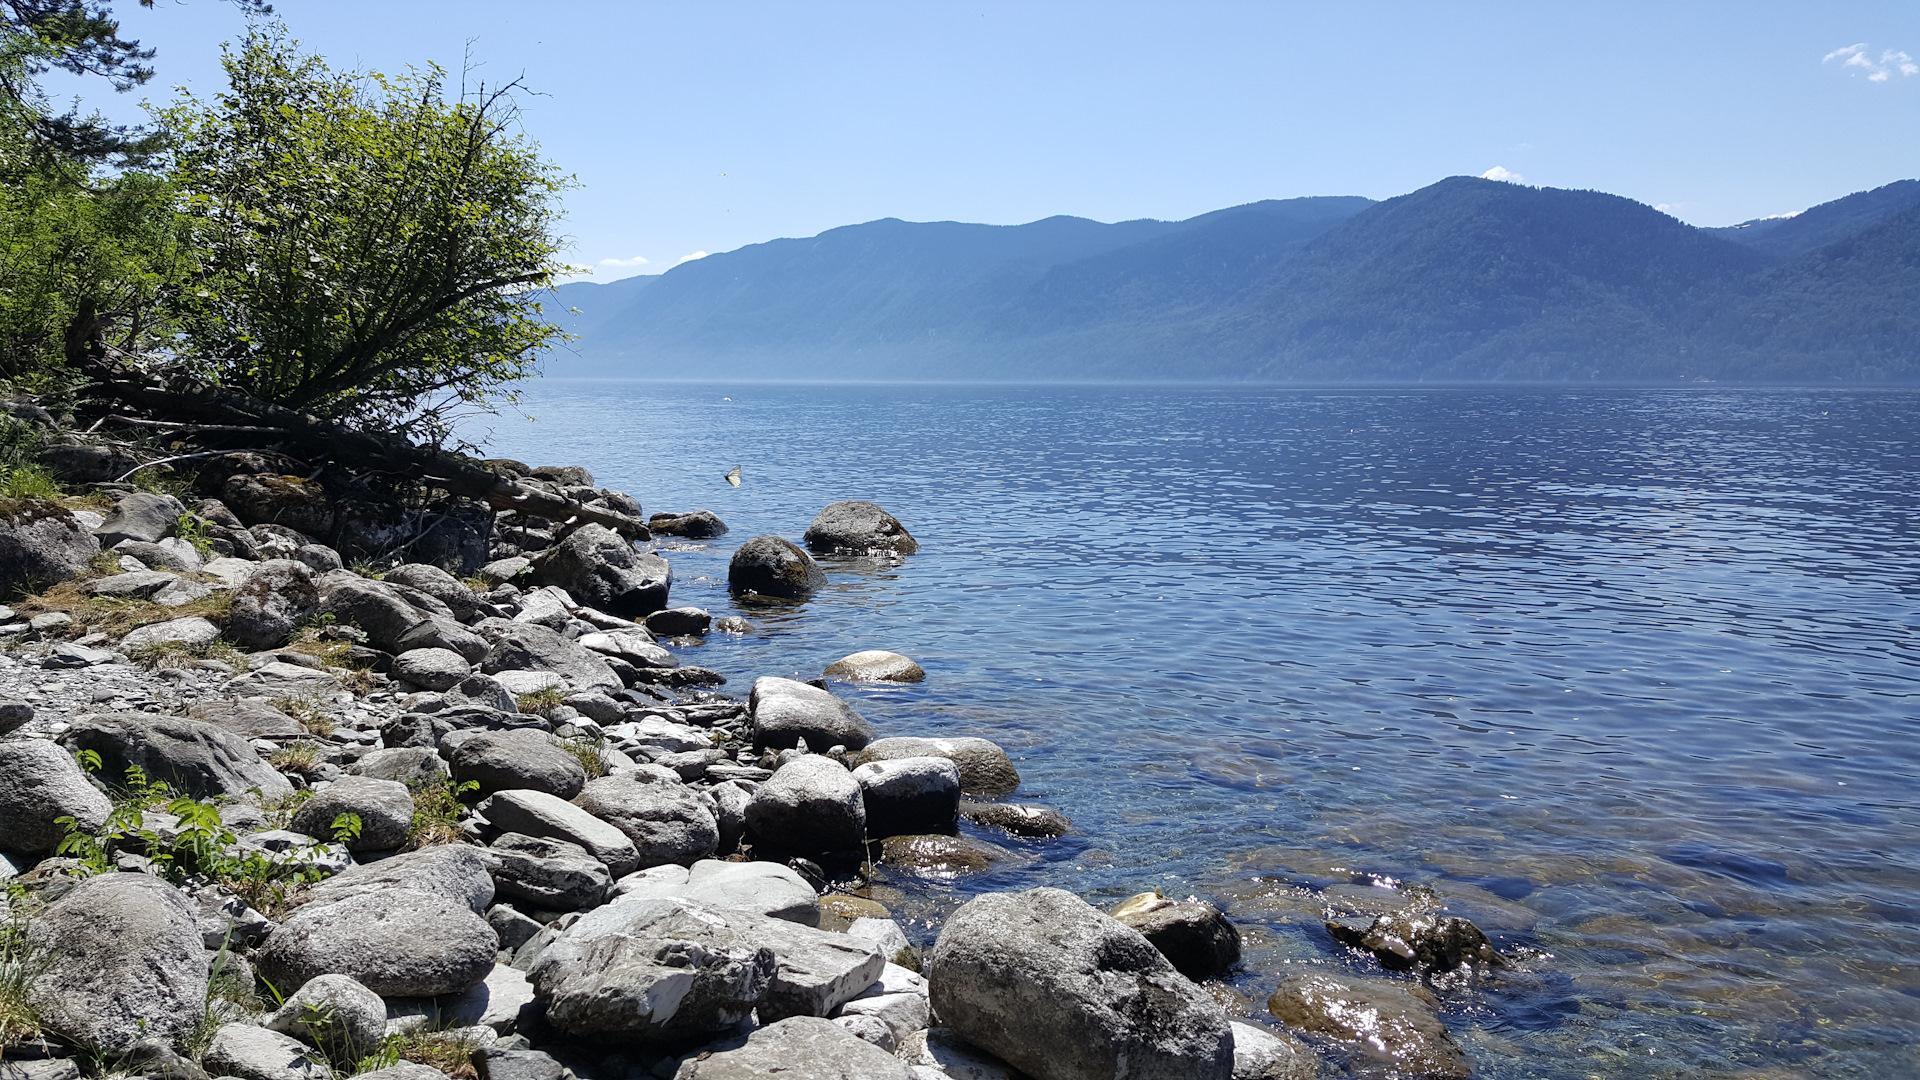 эристави серебряные берега золотого озера телецкого фото форменный